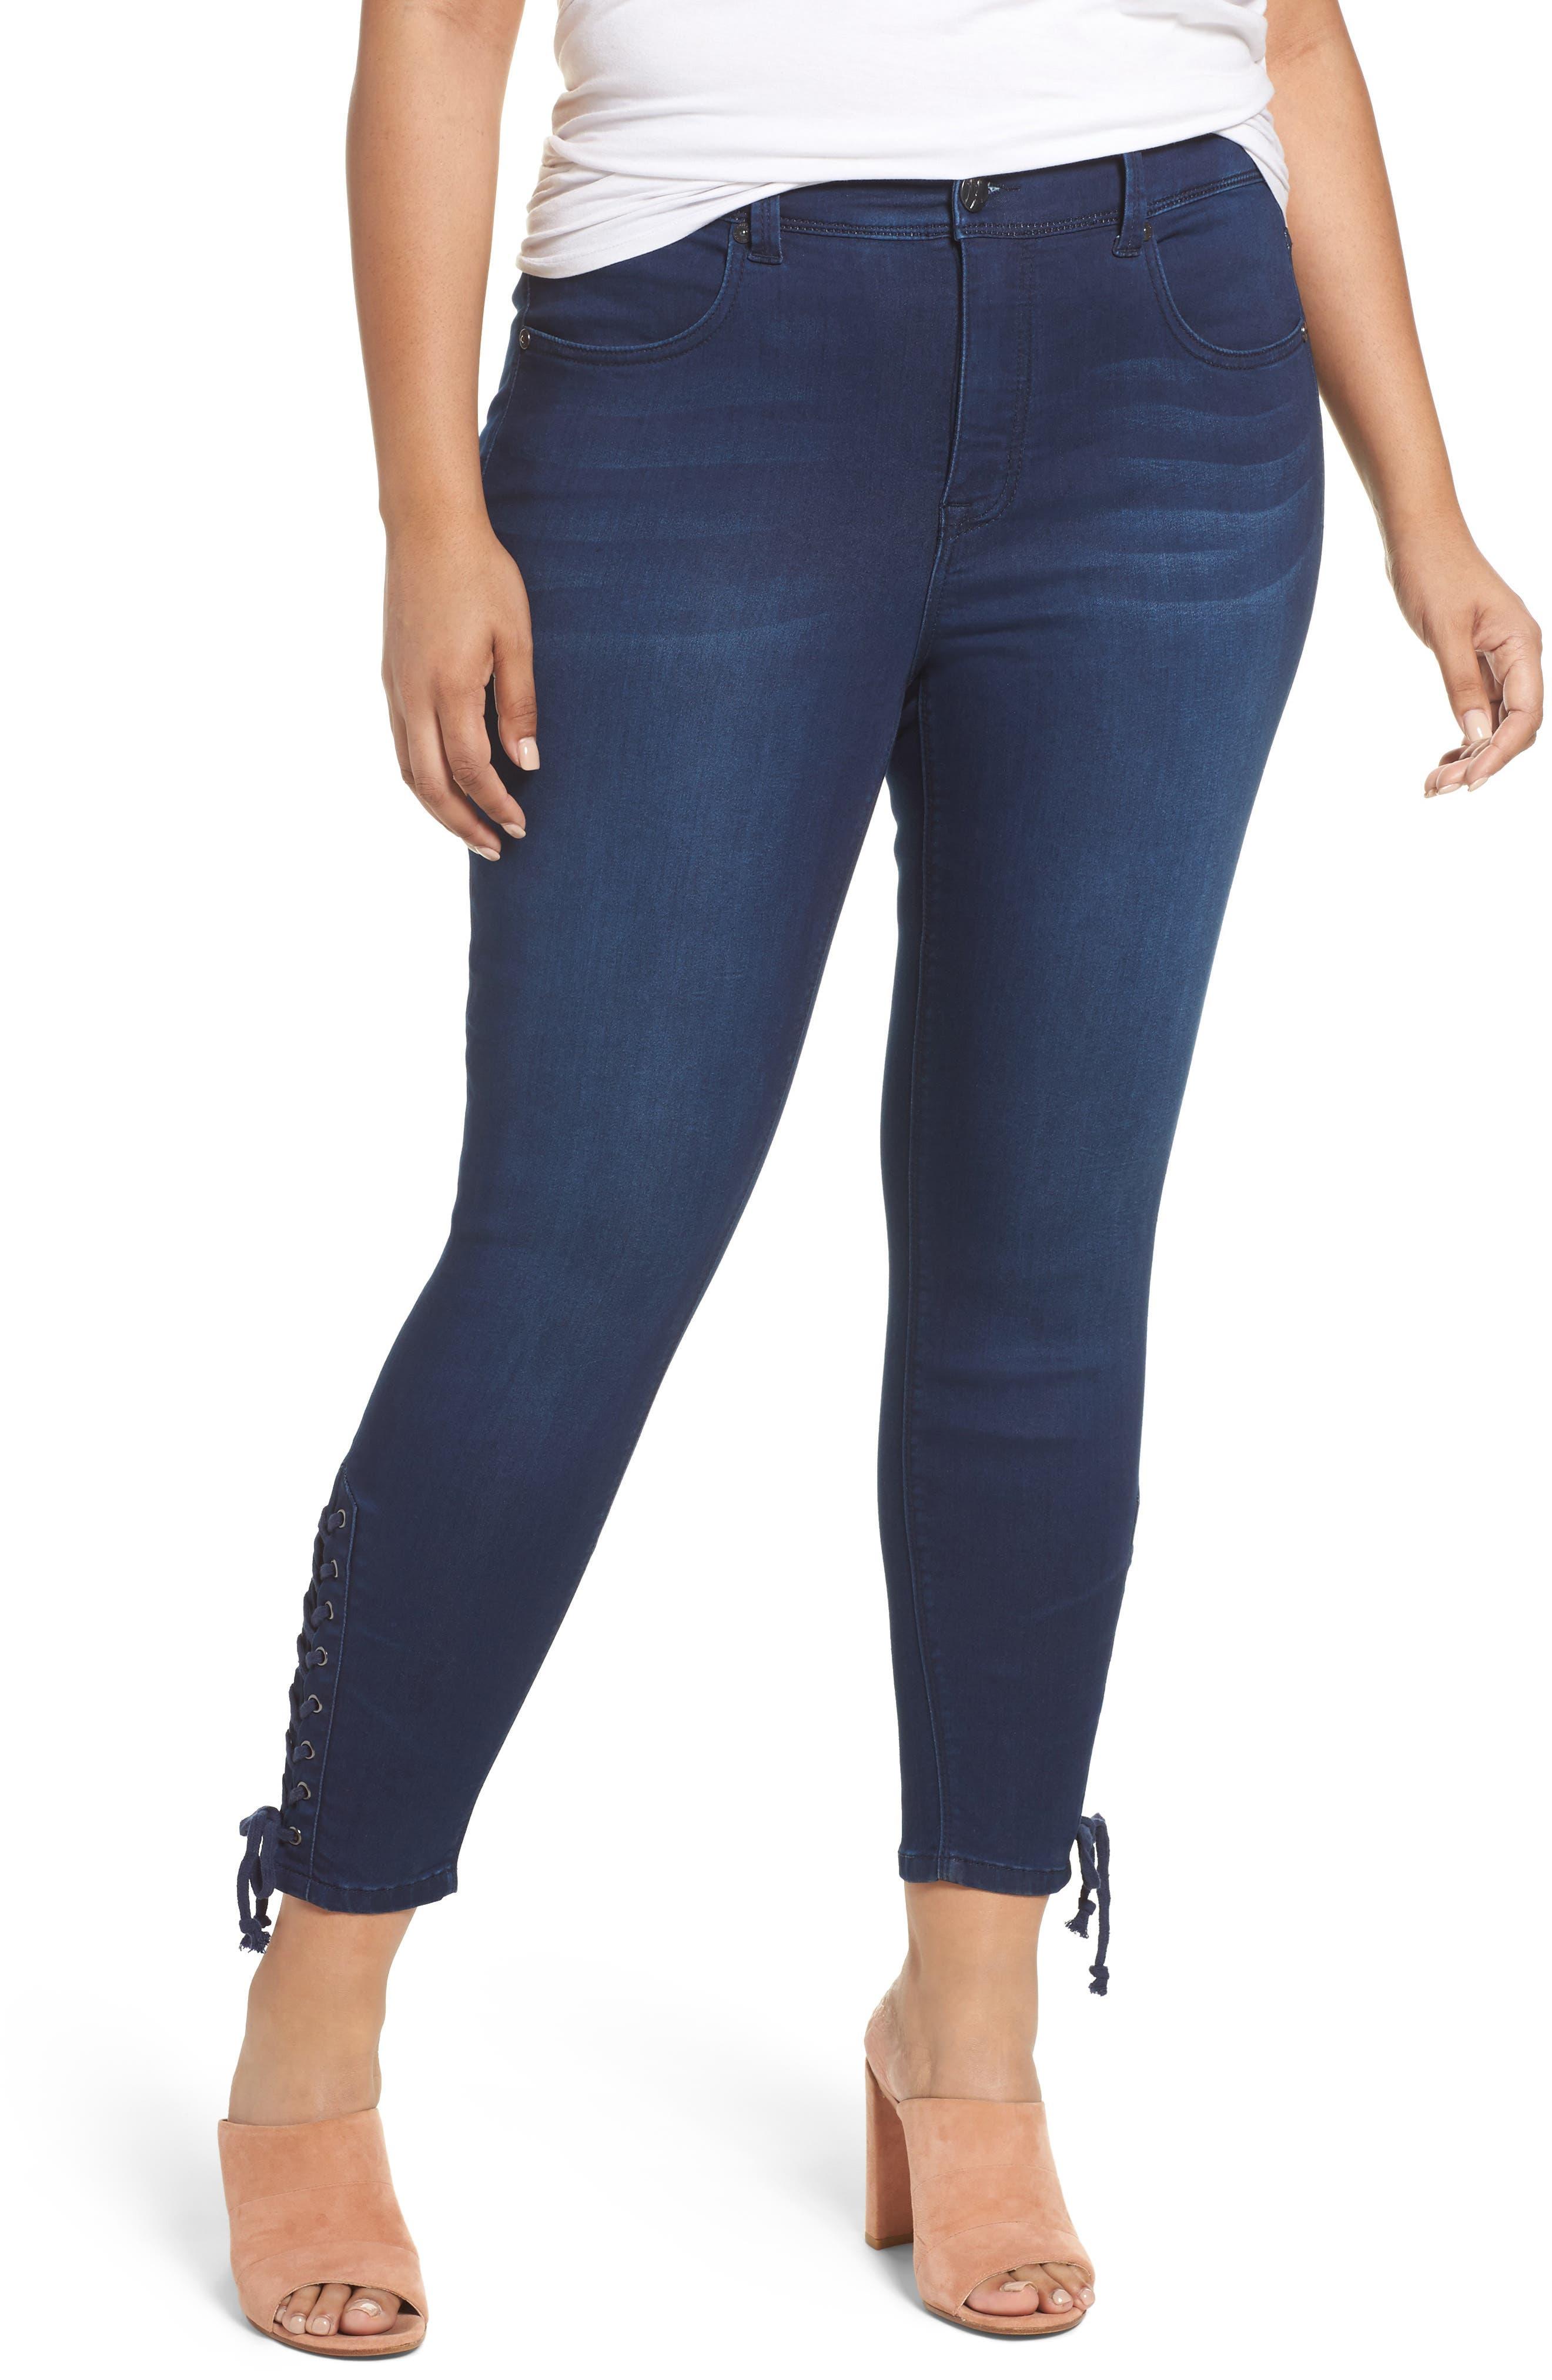 MELISSA MCCARTHY SEVEN7,                             Lace-Up Pencil Leg Jeans,                             Main thumbnail 1, color,                             405